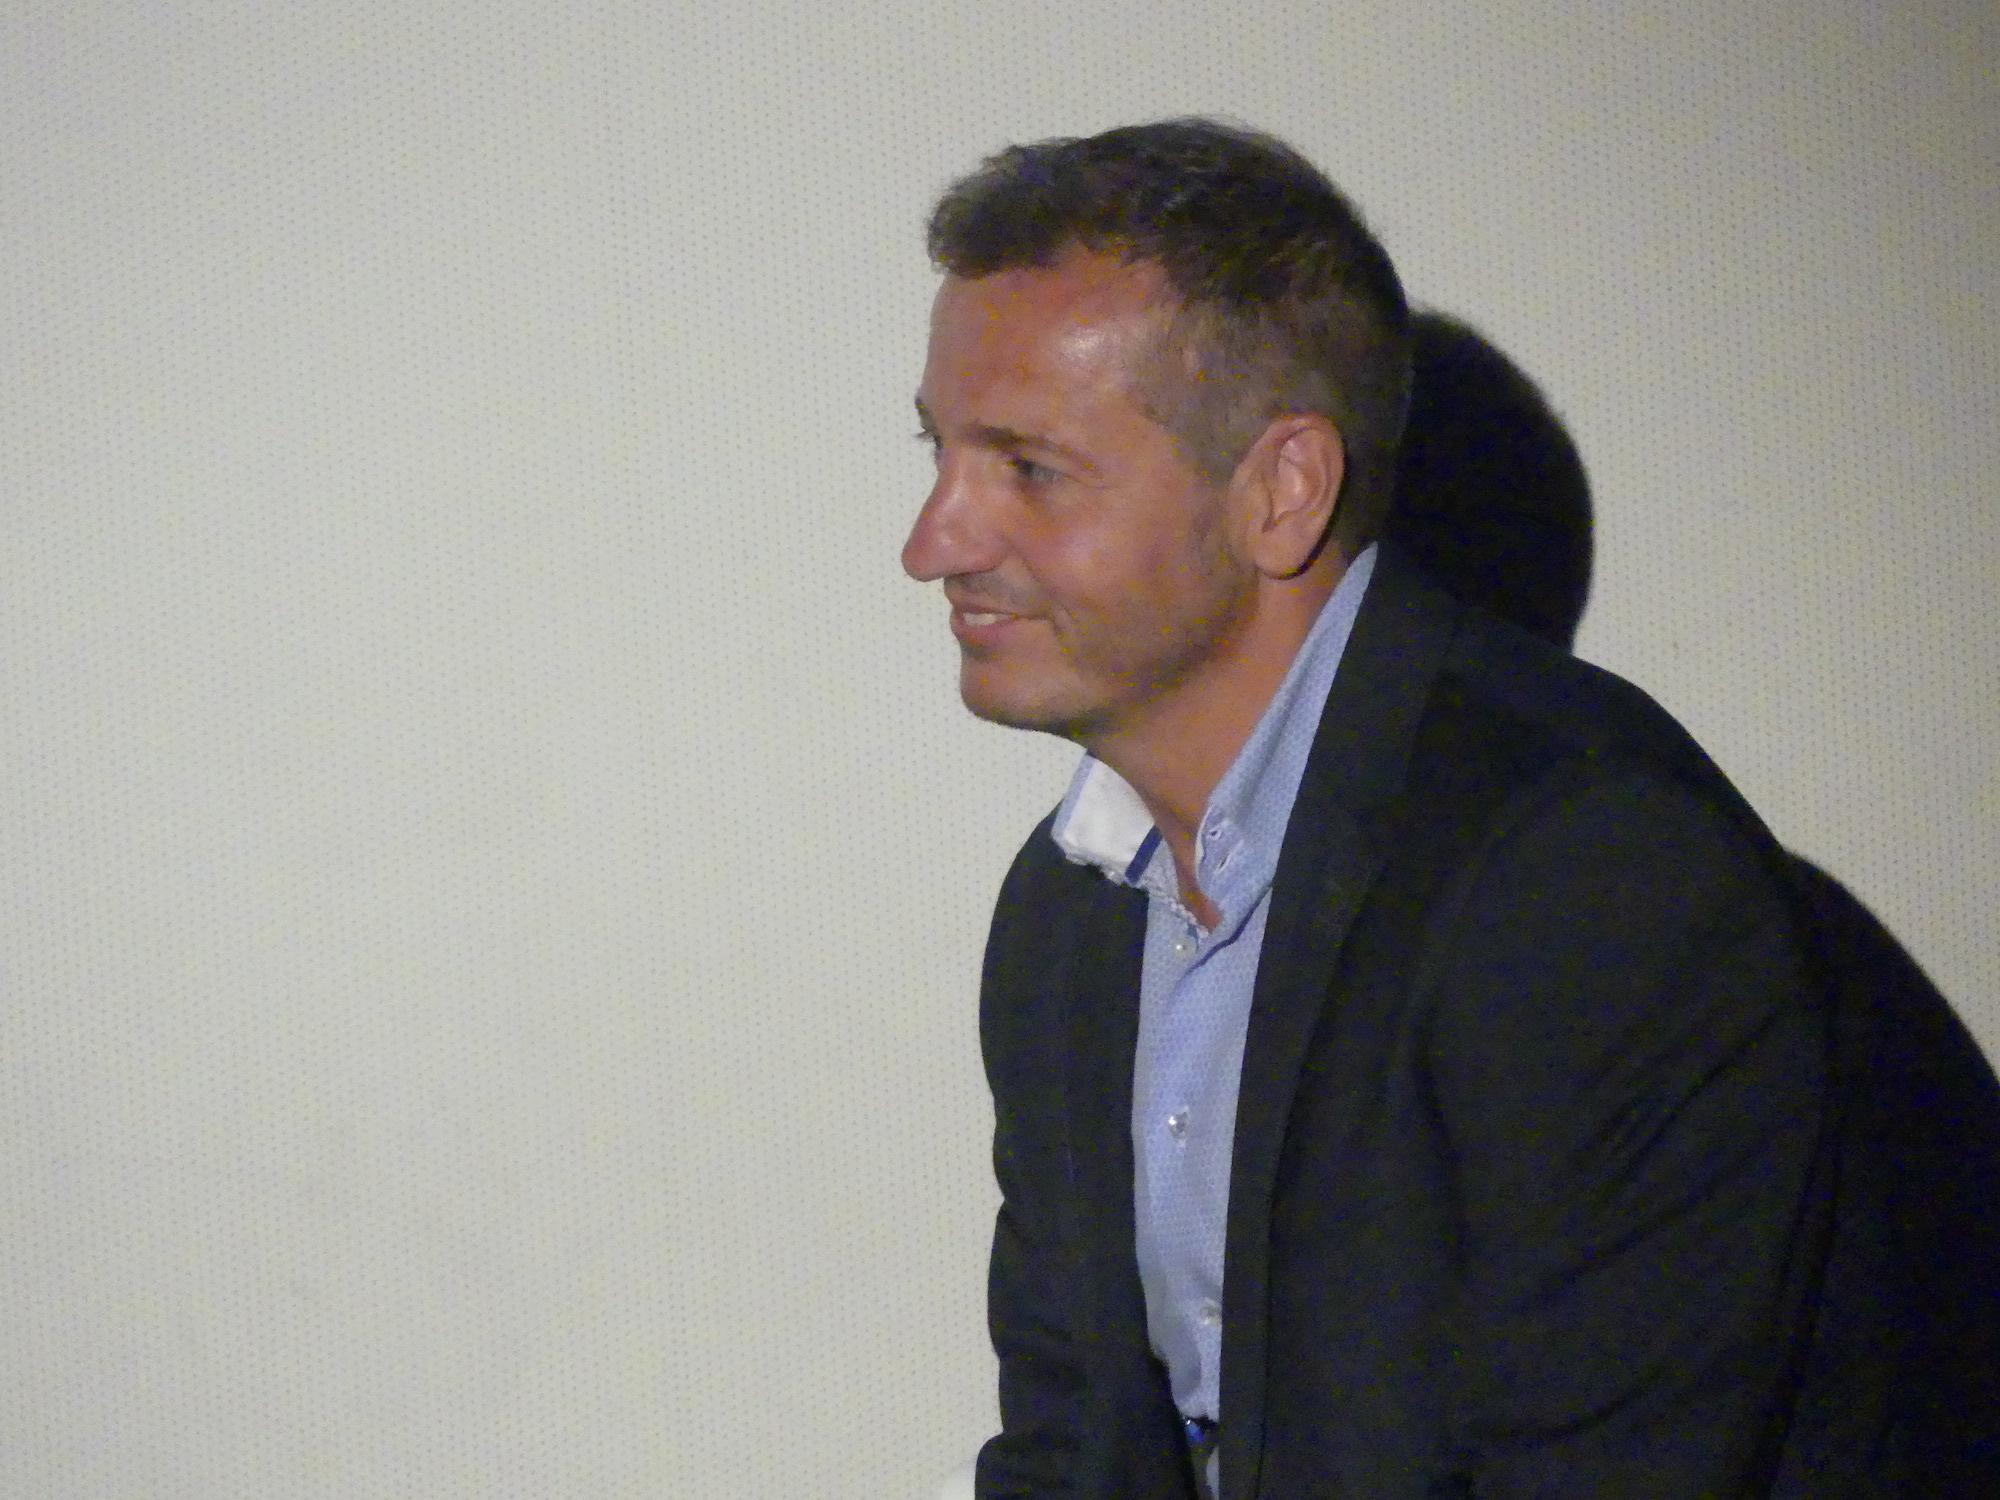 Six Dreams: Quique Carcel, Direttore Sportivo del Girona, alla Premiere a Madrid della docu-serie Amazon